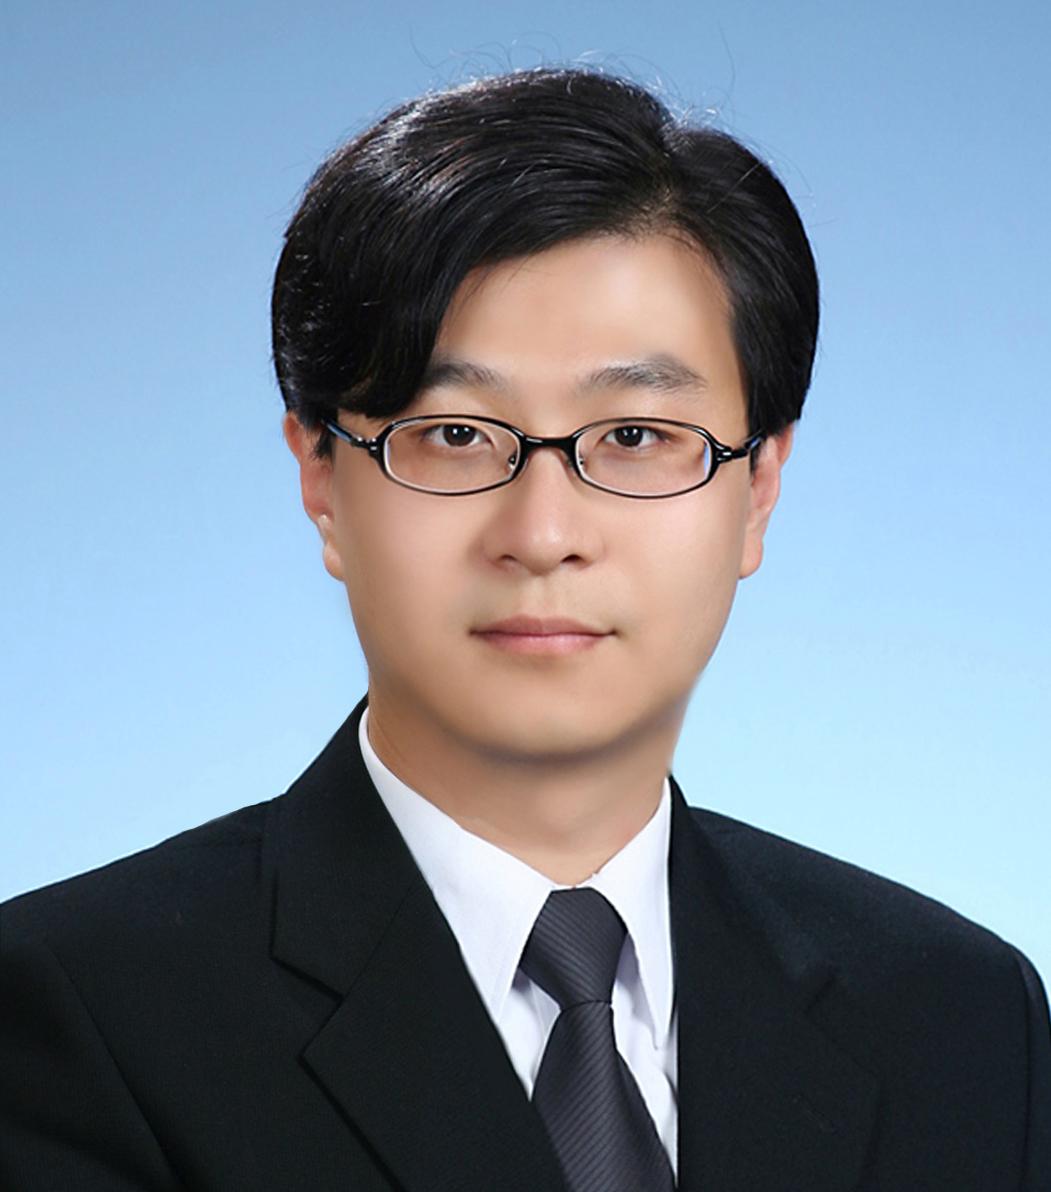 이희훈 교수